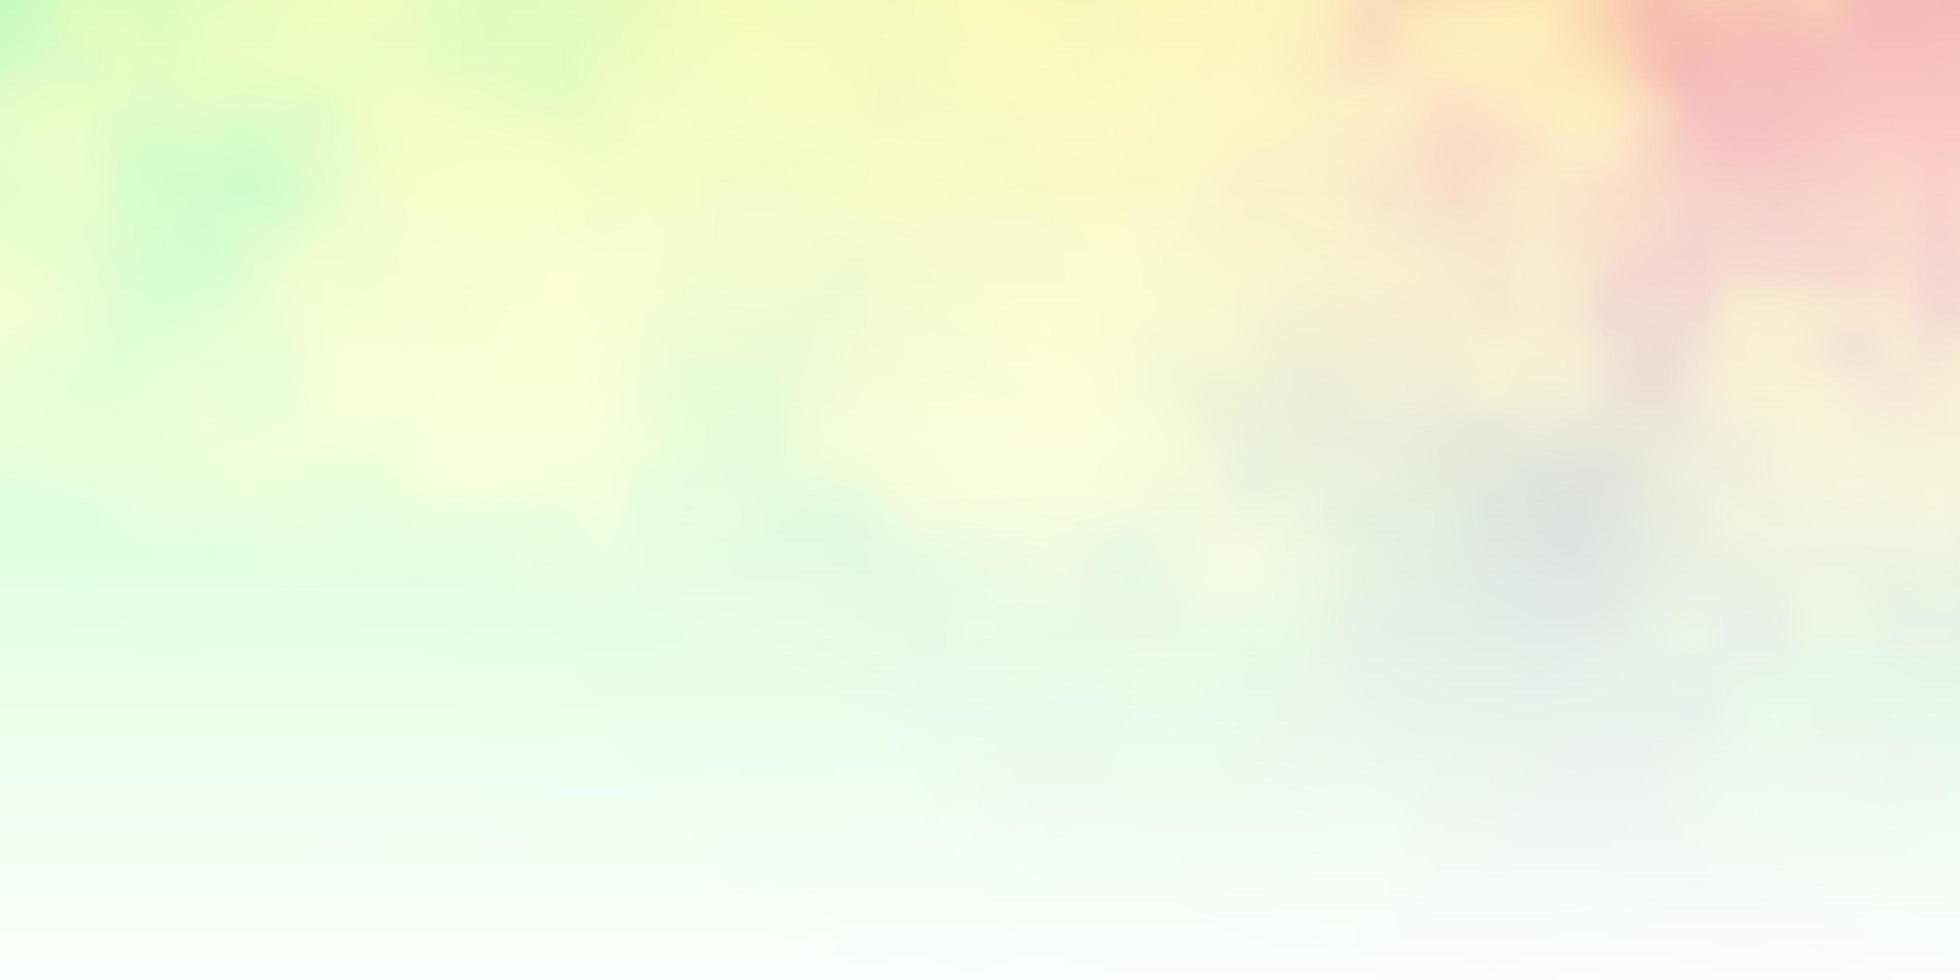 disposition de vecteur vert clair, jaune avec cloudscape.